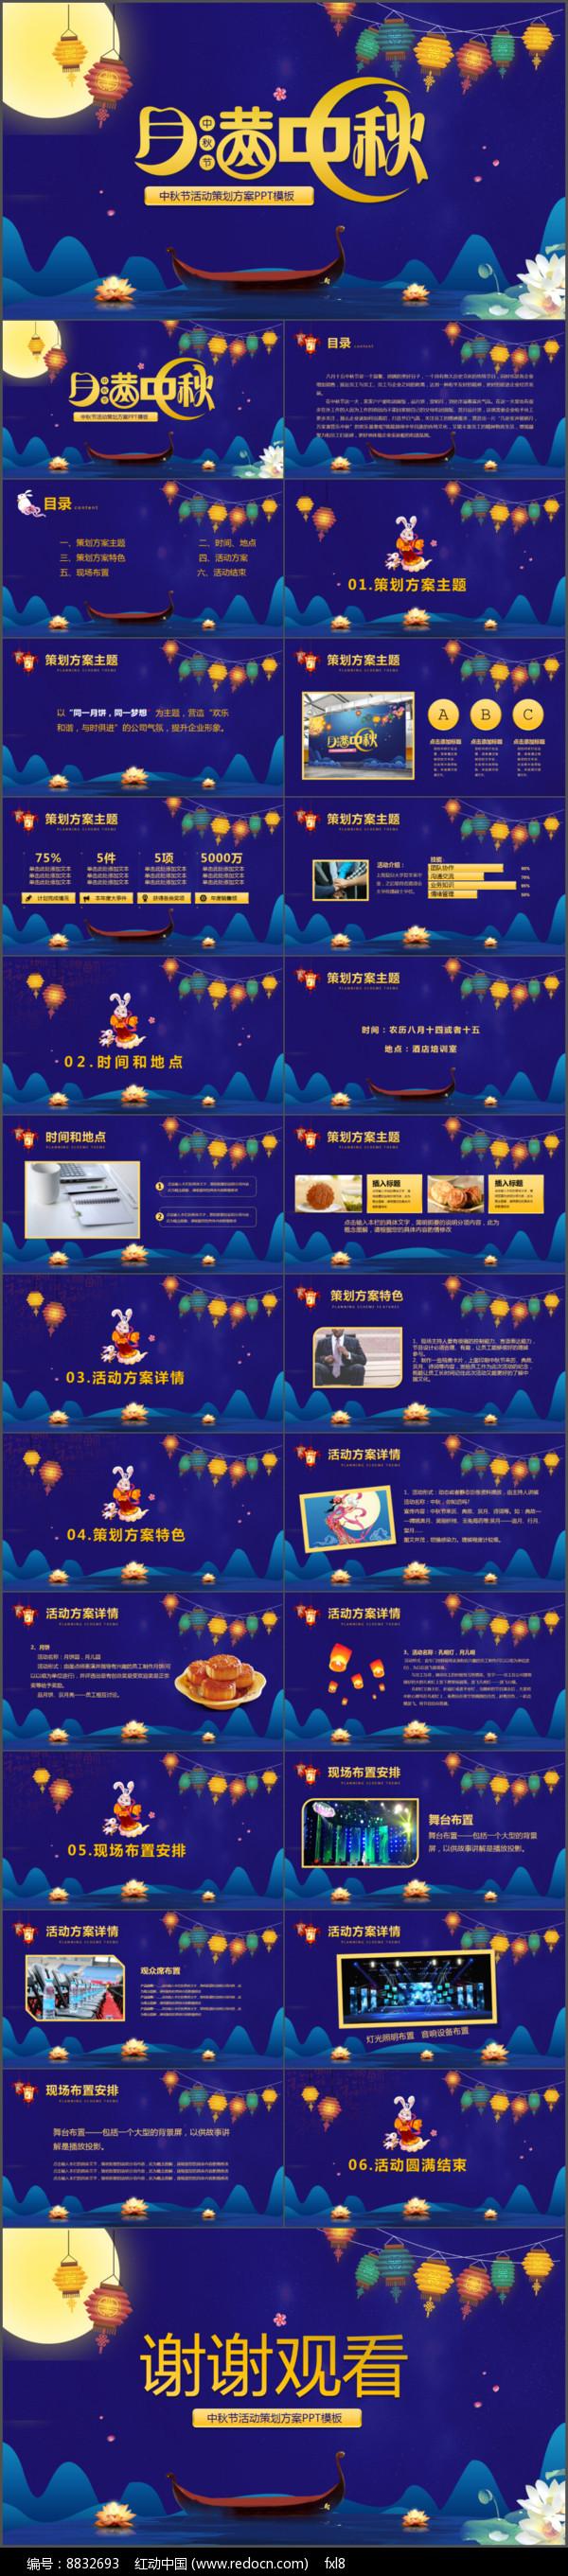 中秋节活动策划方案PPT模板图片